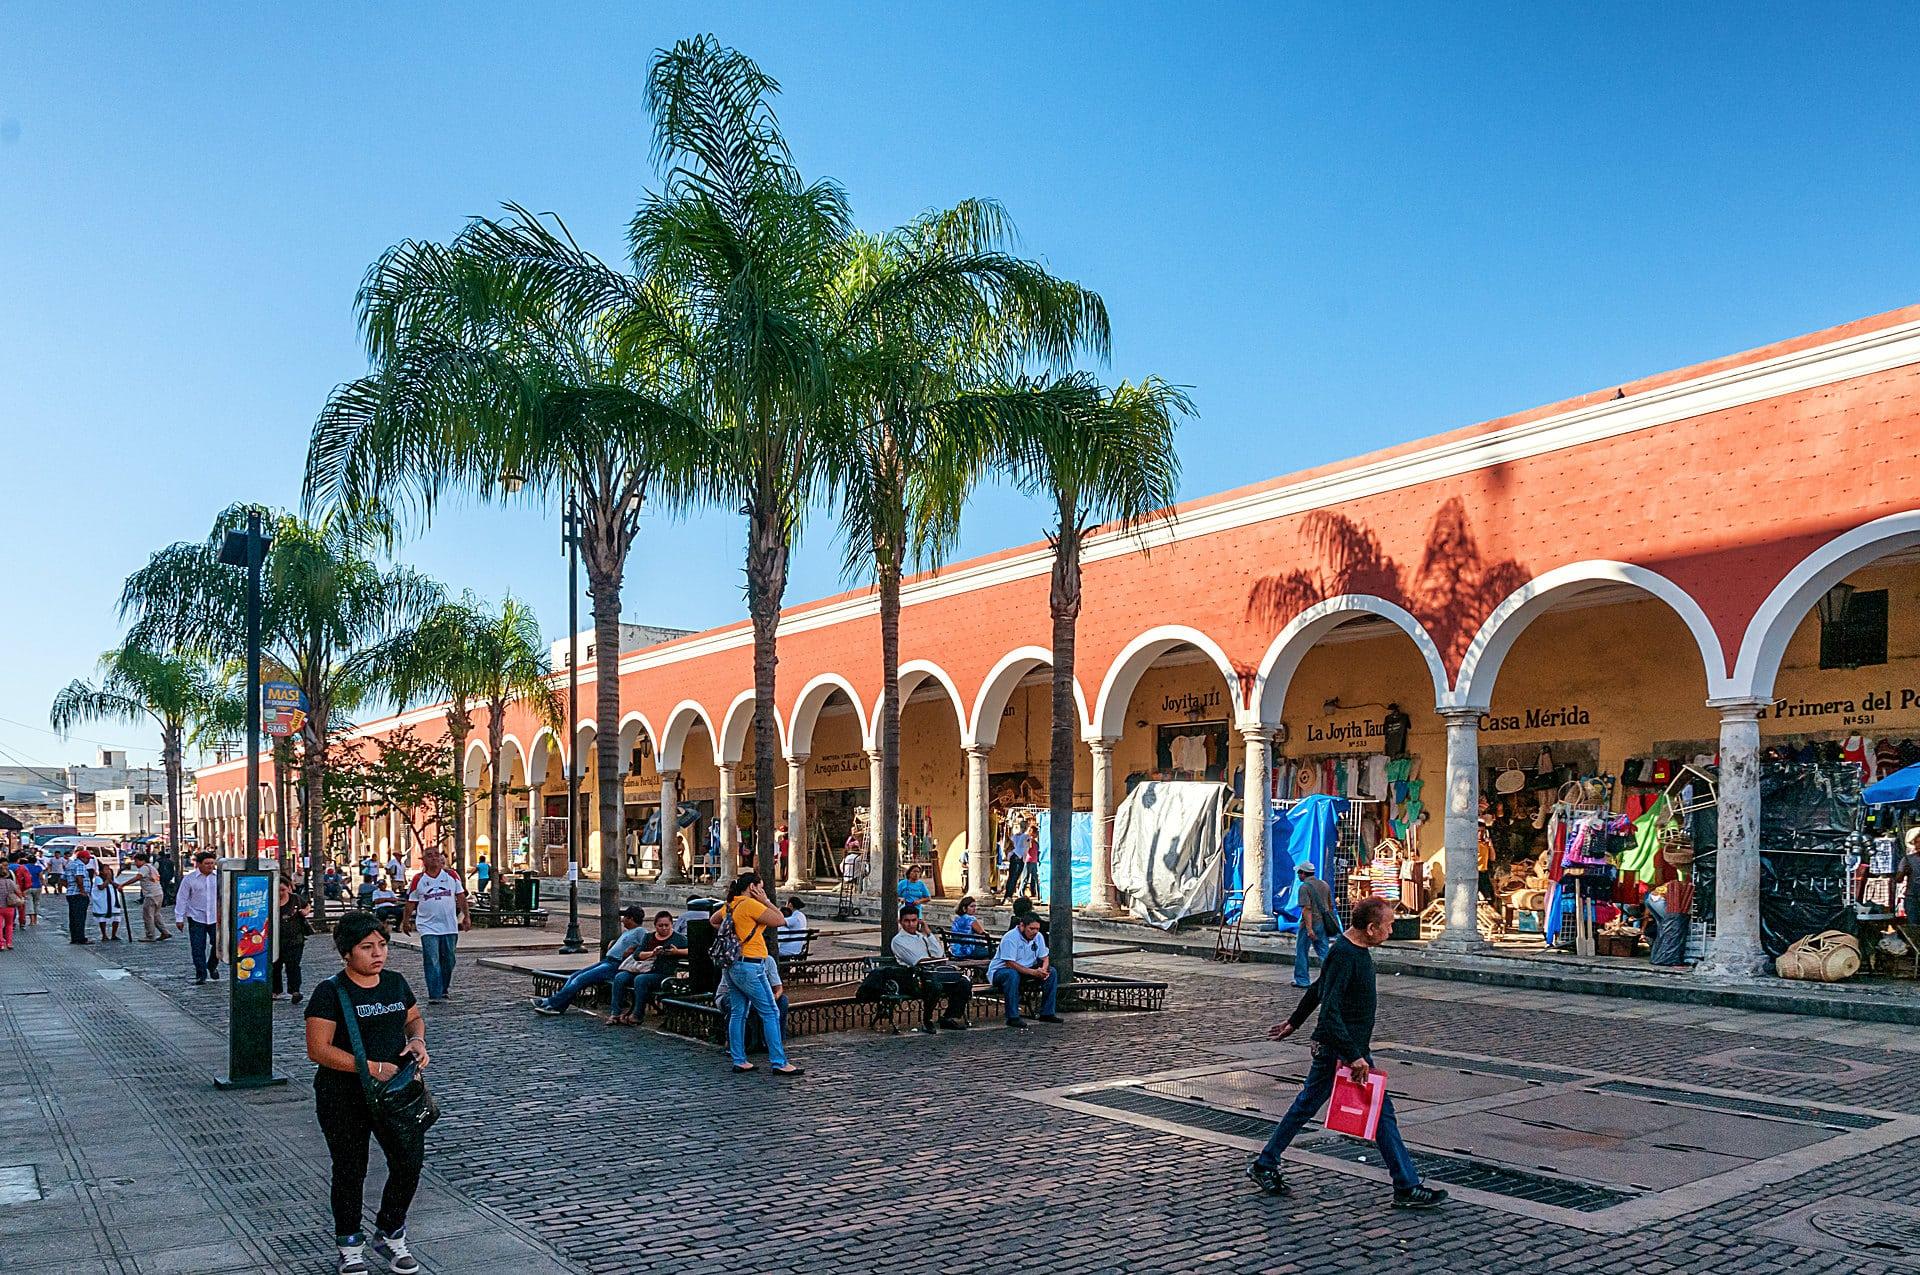 Mercado im Zentrum von Mérida